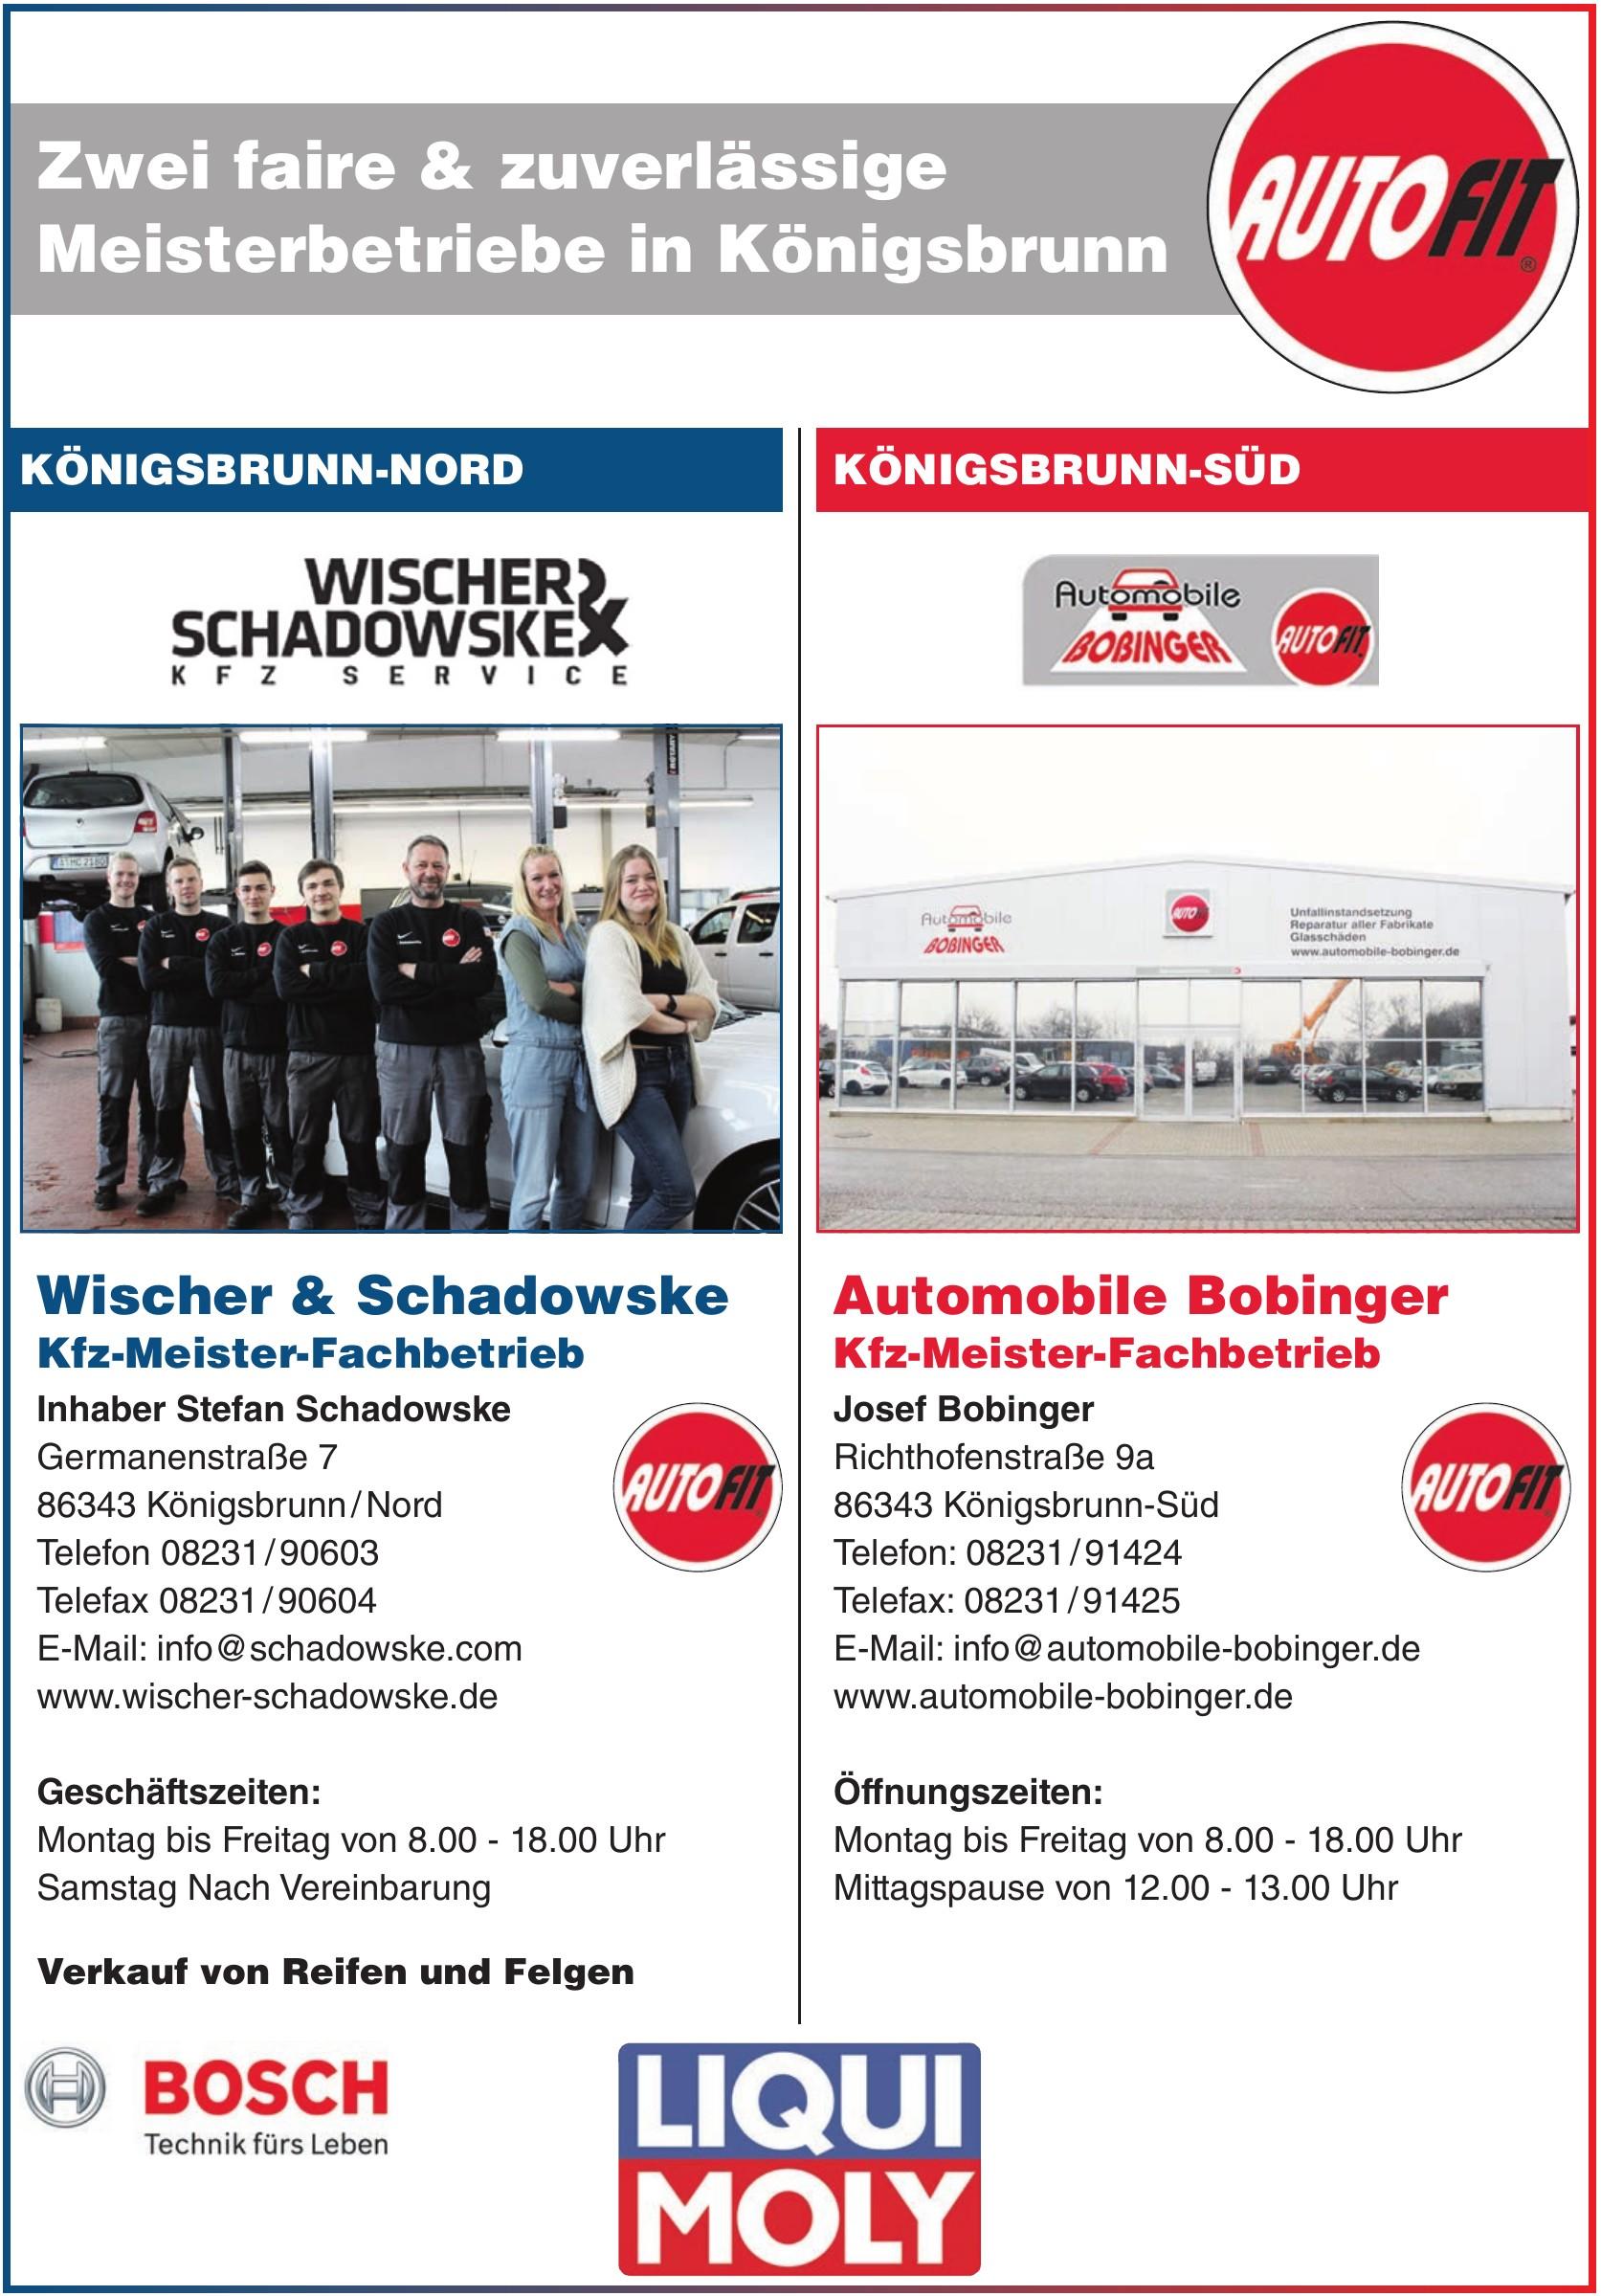 Wischer & Schadowske Kfz-Meister-Fachbetrieb